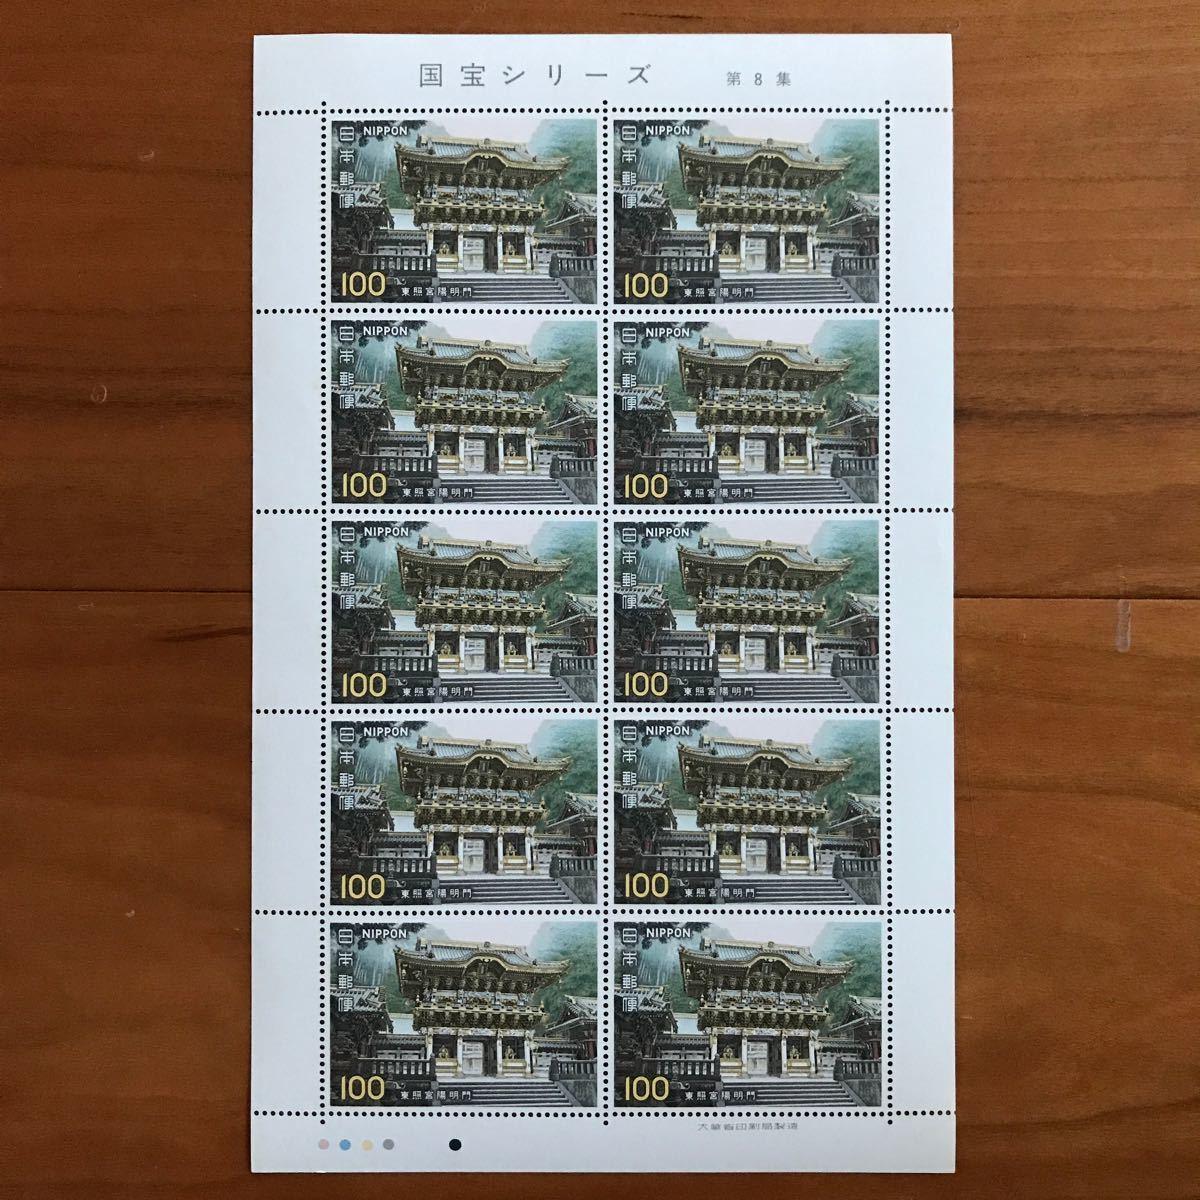 【切手シート】国宝シリーズ 第8集 東照宮陽明門 大蔵省印刷局製造